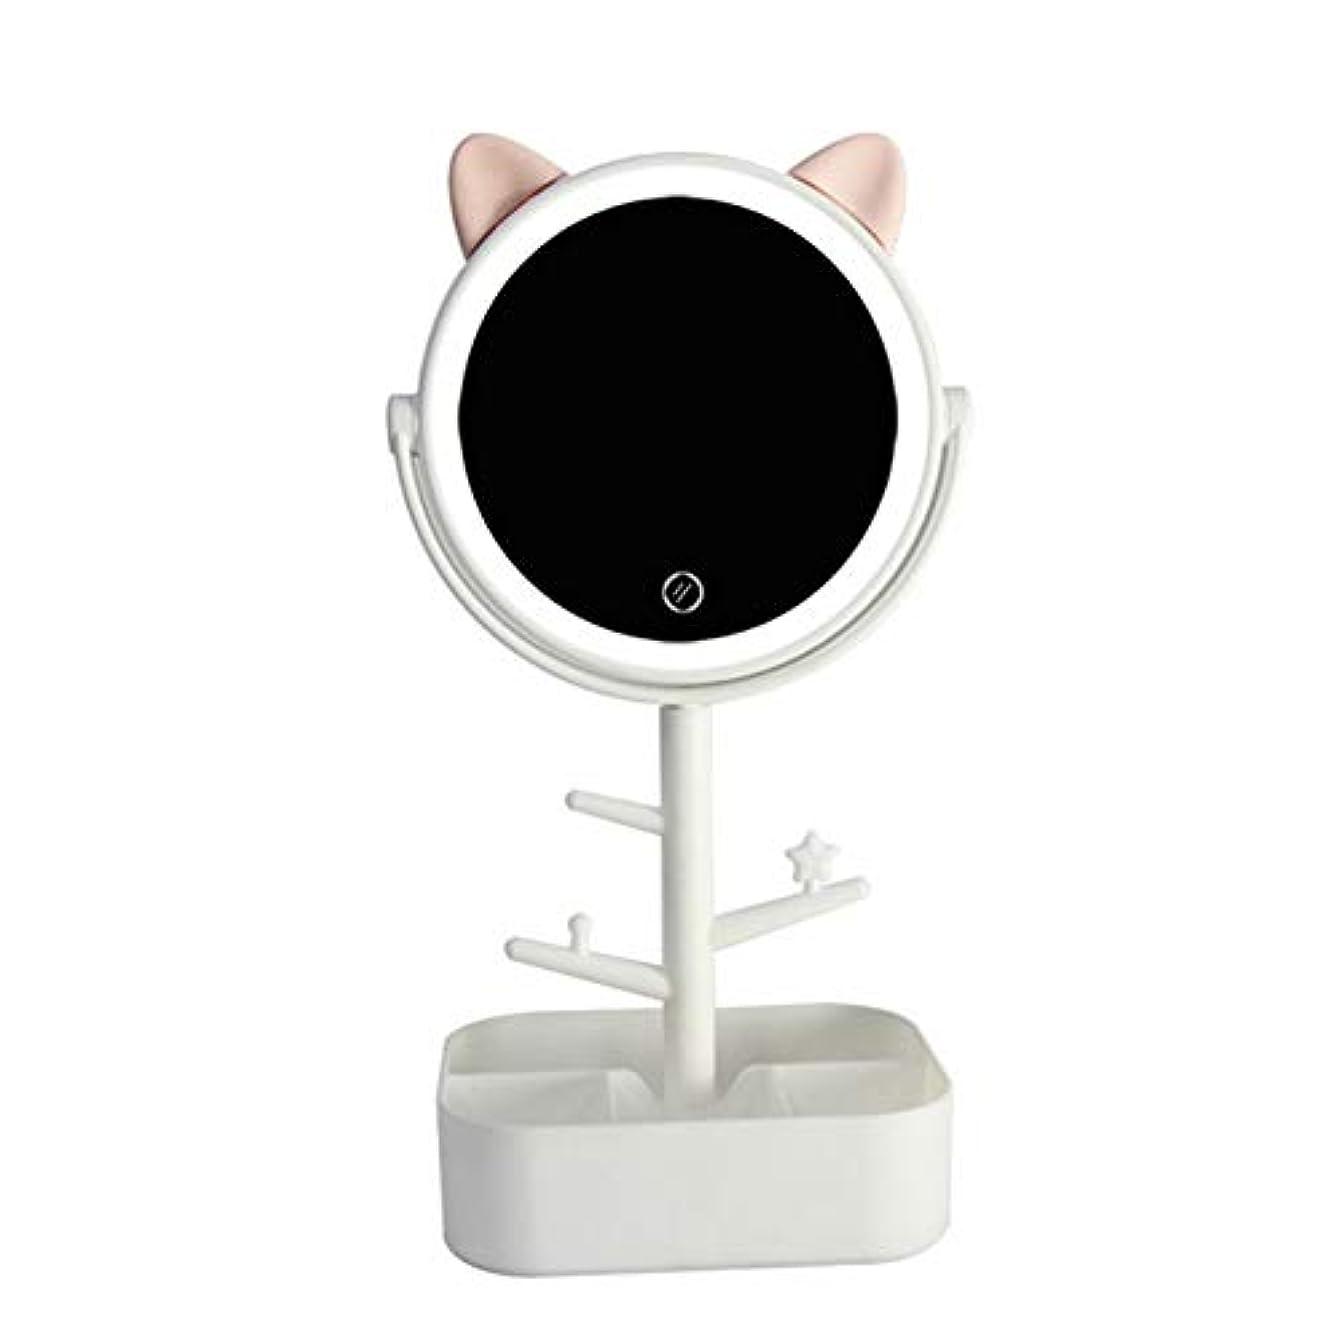 過度に熱望する下に向けますOutpicker LED化粧鏡 USB女優ミラー 卓上ミラー ライト付きミラー 角度調整可 スタンドミラー メイク かがみ化粧道具 円型 可収納 USB給電 (猫ー白)